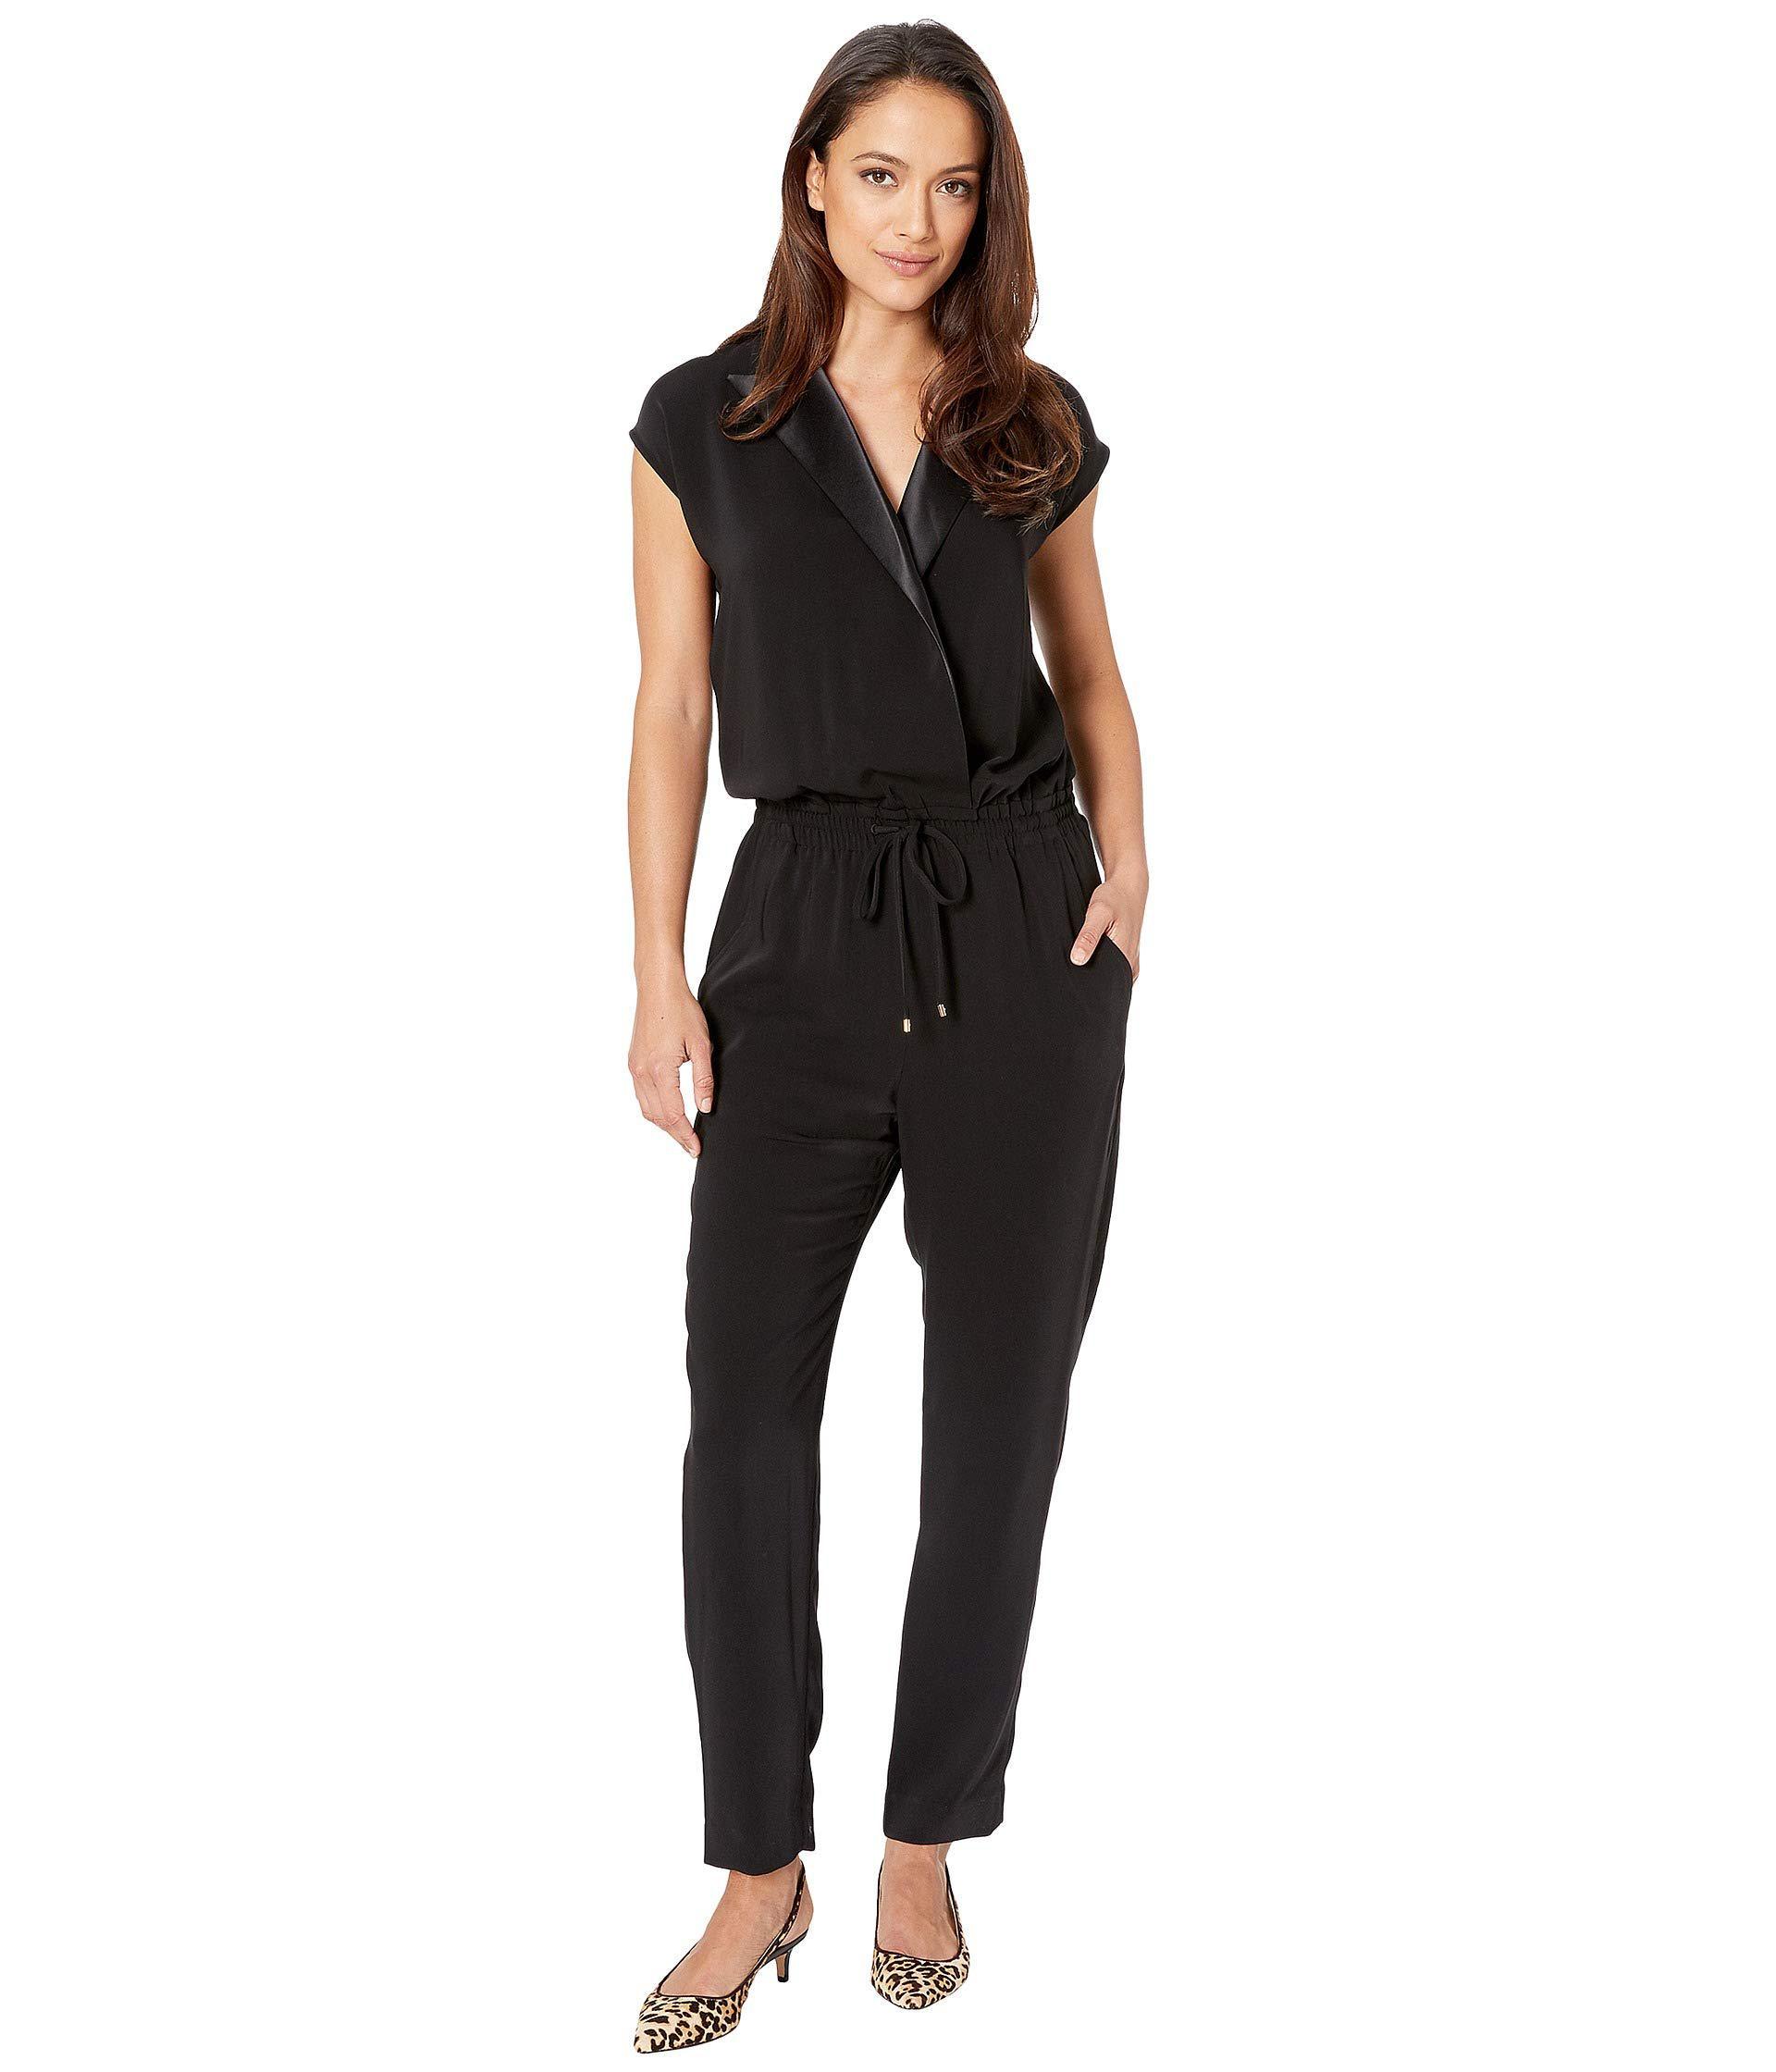 c16b69dc45f Lyst - Lauren by Ralph Lauren Crepe Jumpsuit (polo Black) Women s ...